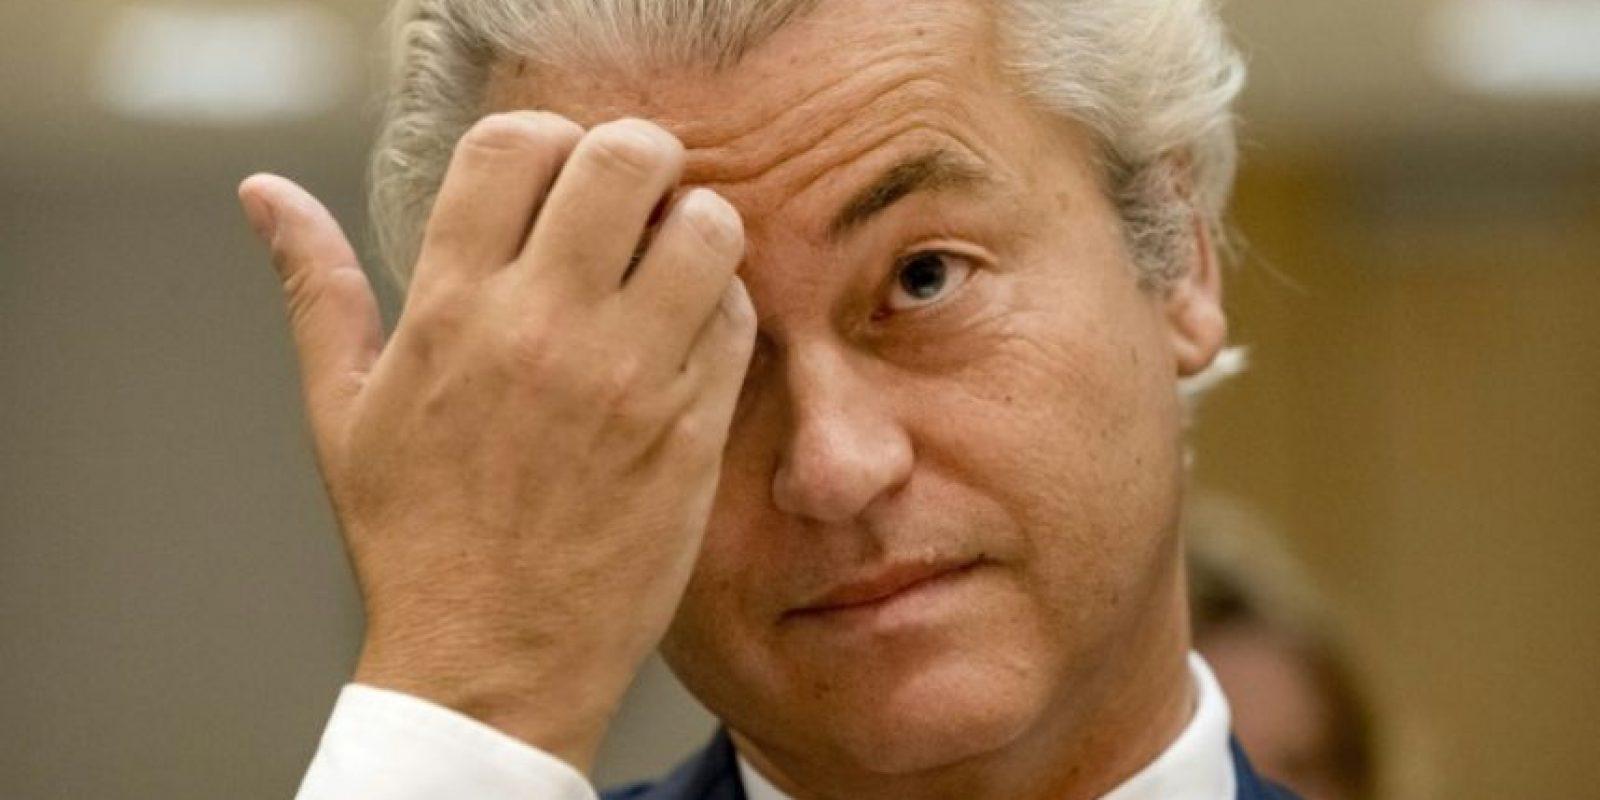 El líder del Partido por la Libertad (PVV), Geert Wilders, el 23 de septiembre de 2016 en la localidad holandesa de Badhoevedorp Foto:Remko de Waal/afp.com